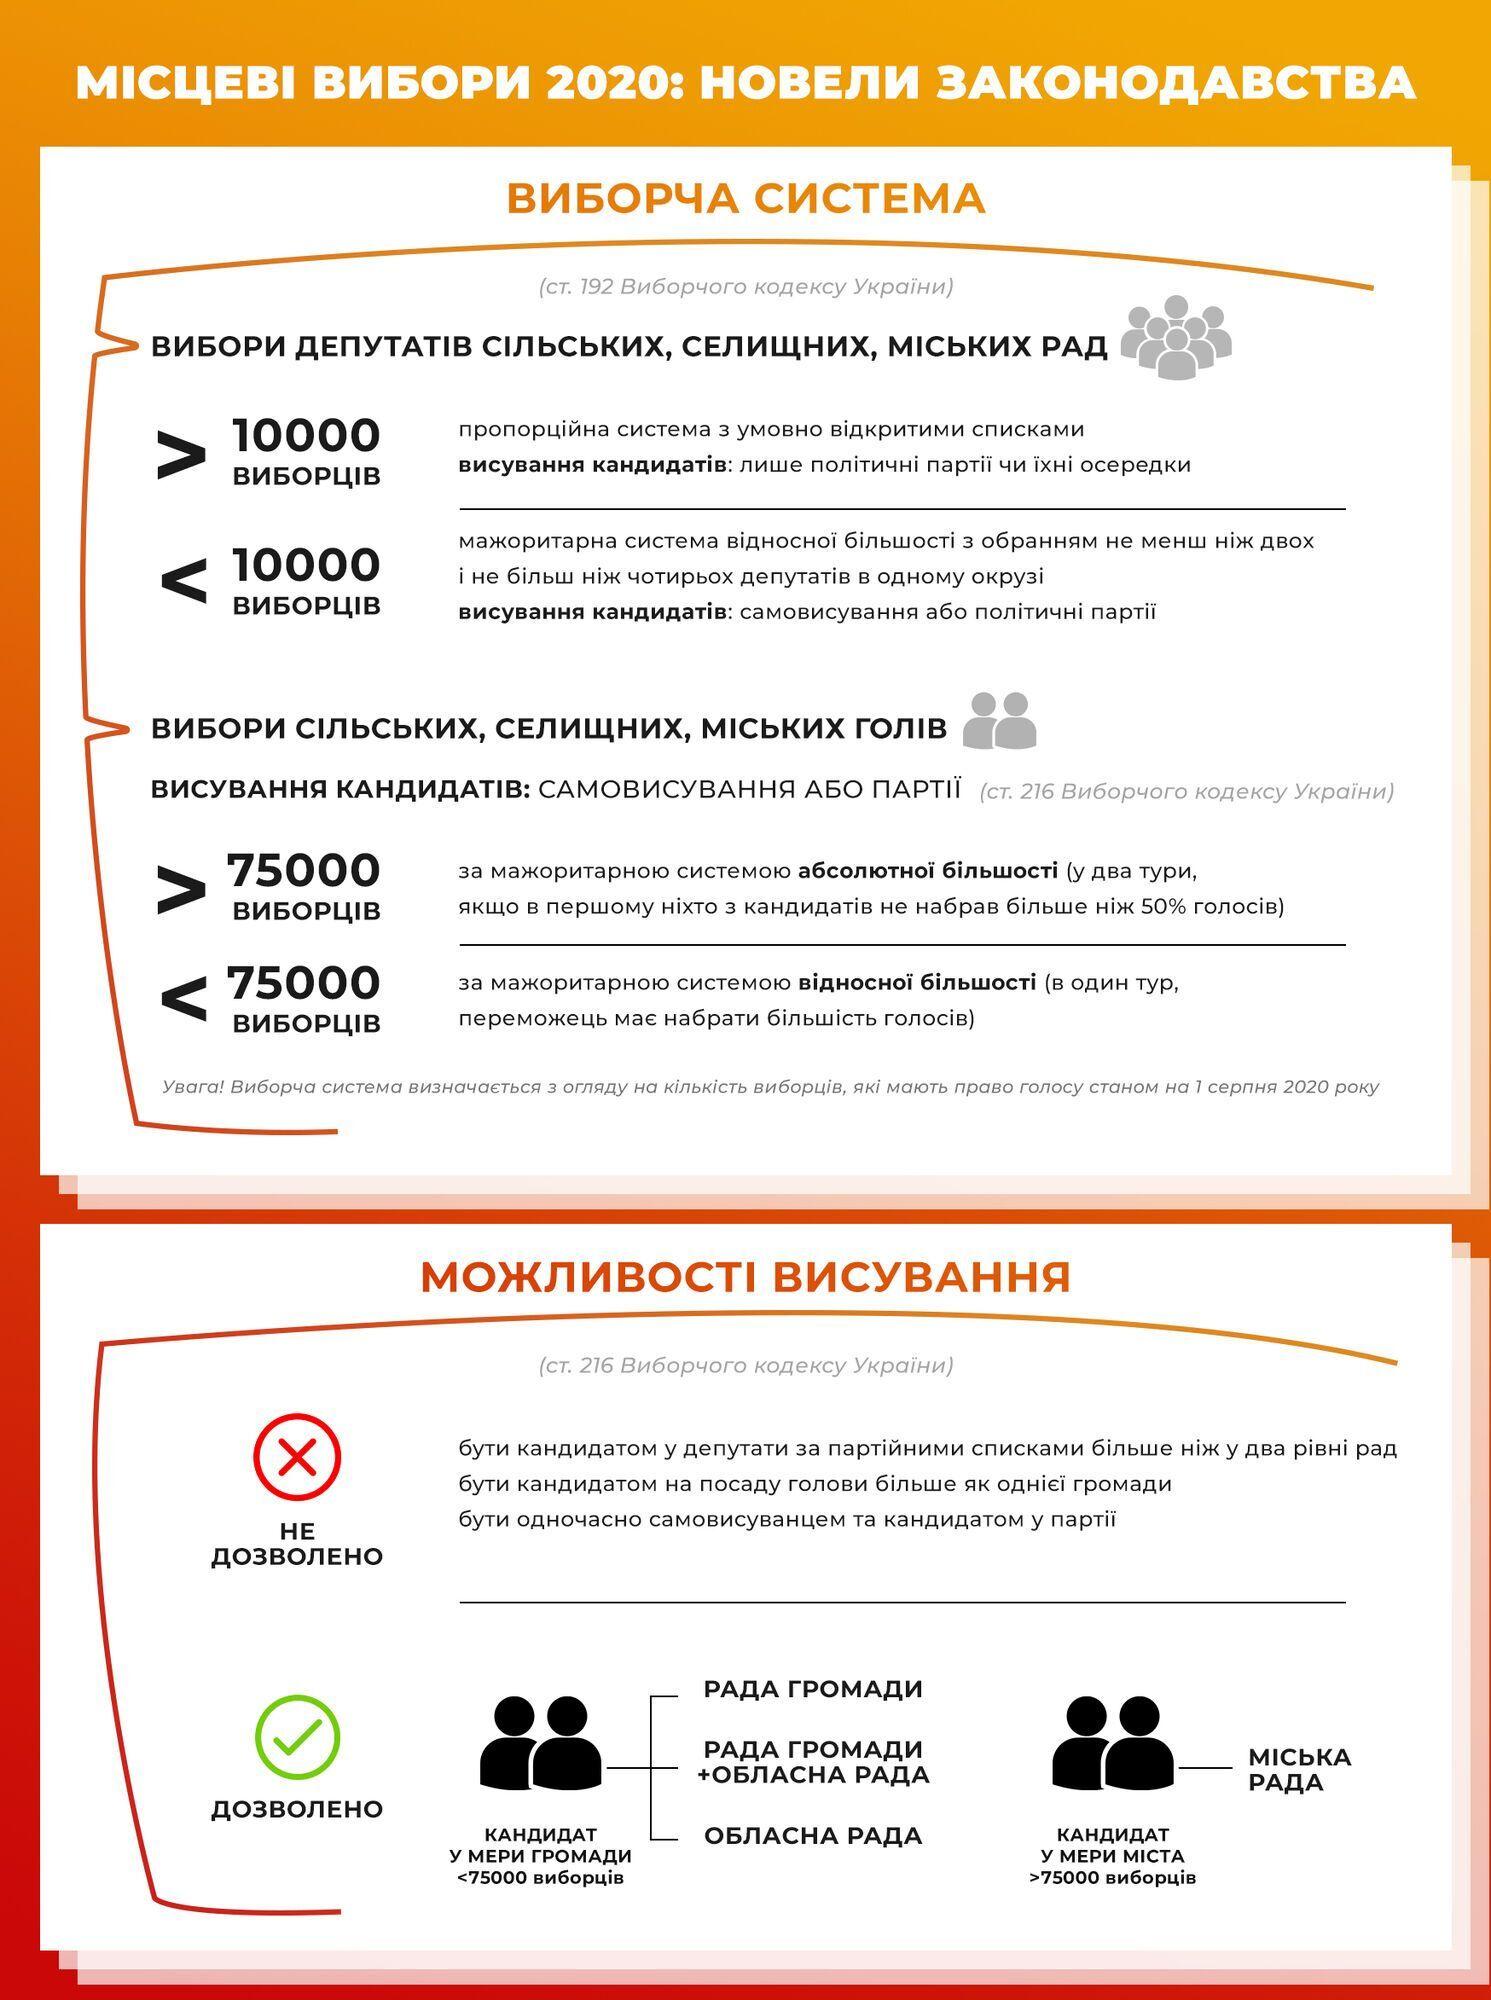 Как изменить место голосования на местных выборах 2020 в Украине онлайн. Инструкция